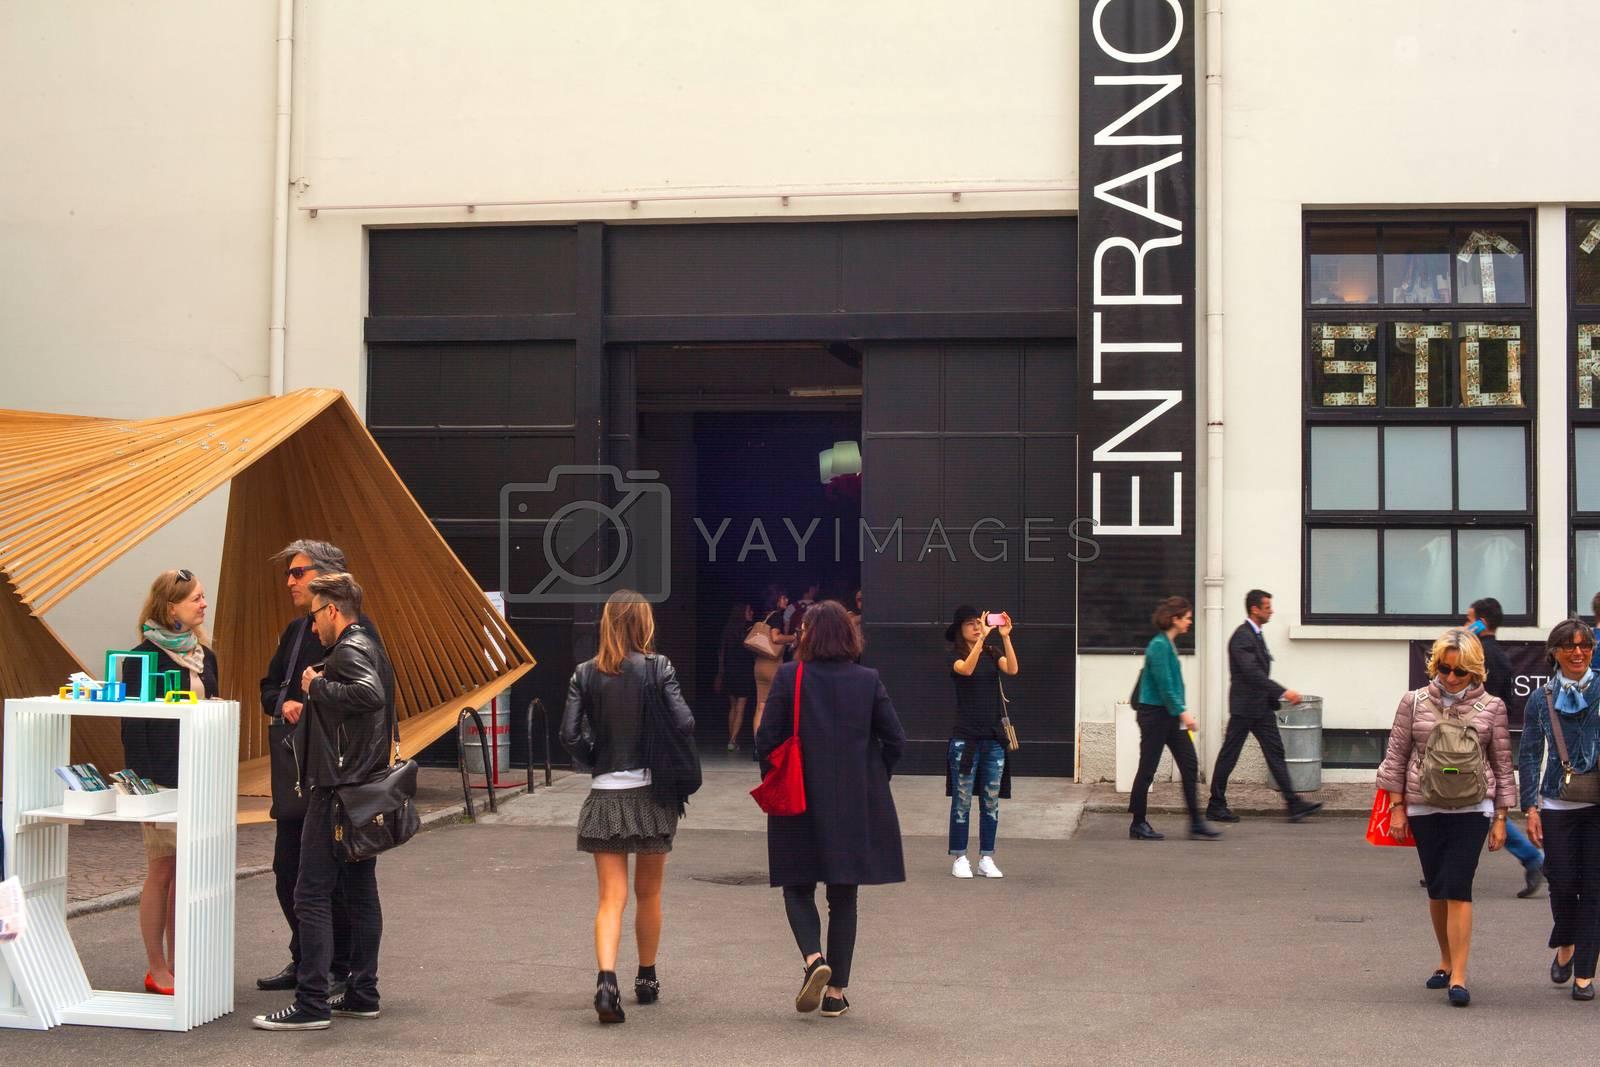 People visit Fuorisalone during Milan Design week, 2015 by bepsimage